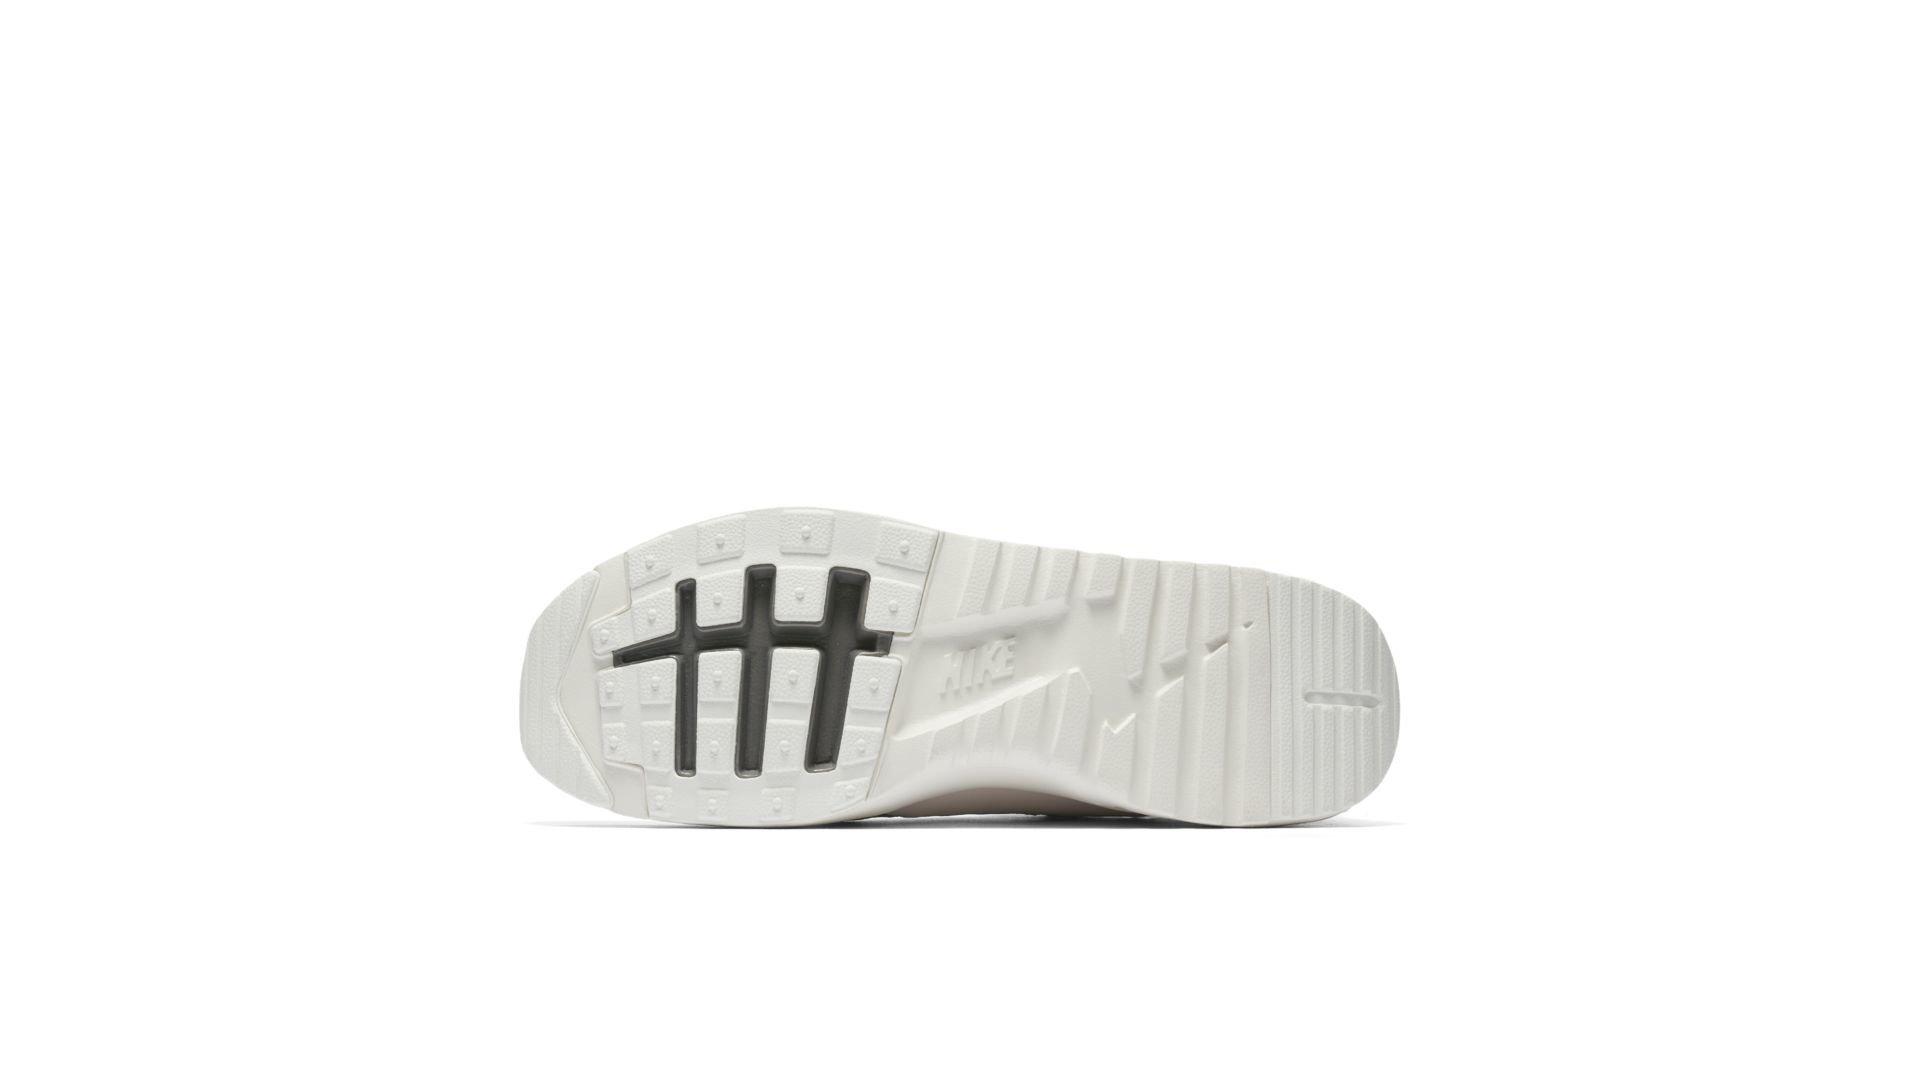 Nike Air Max Thea 881175-003